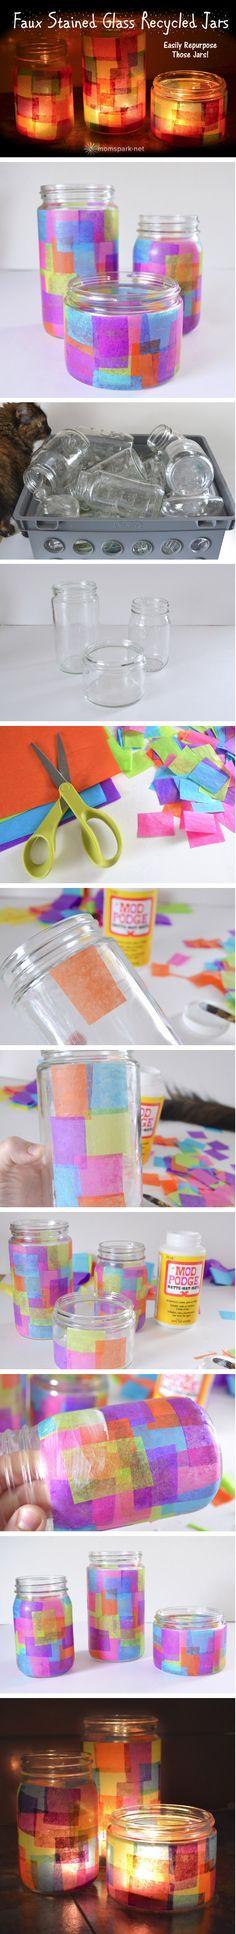 tarros-vidrio-1-colores-diy-muy-ingenioso                                                                                                                                                                                 Más